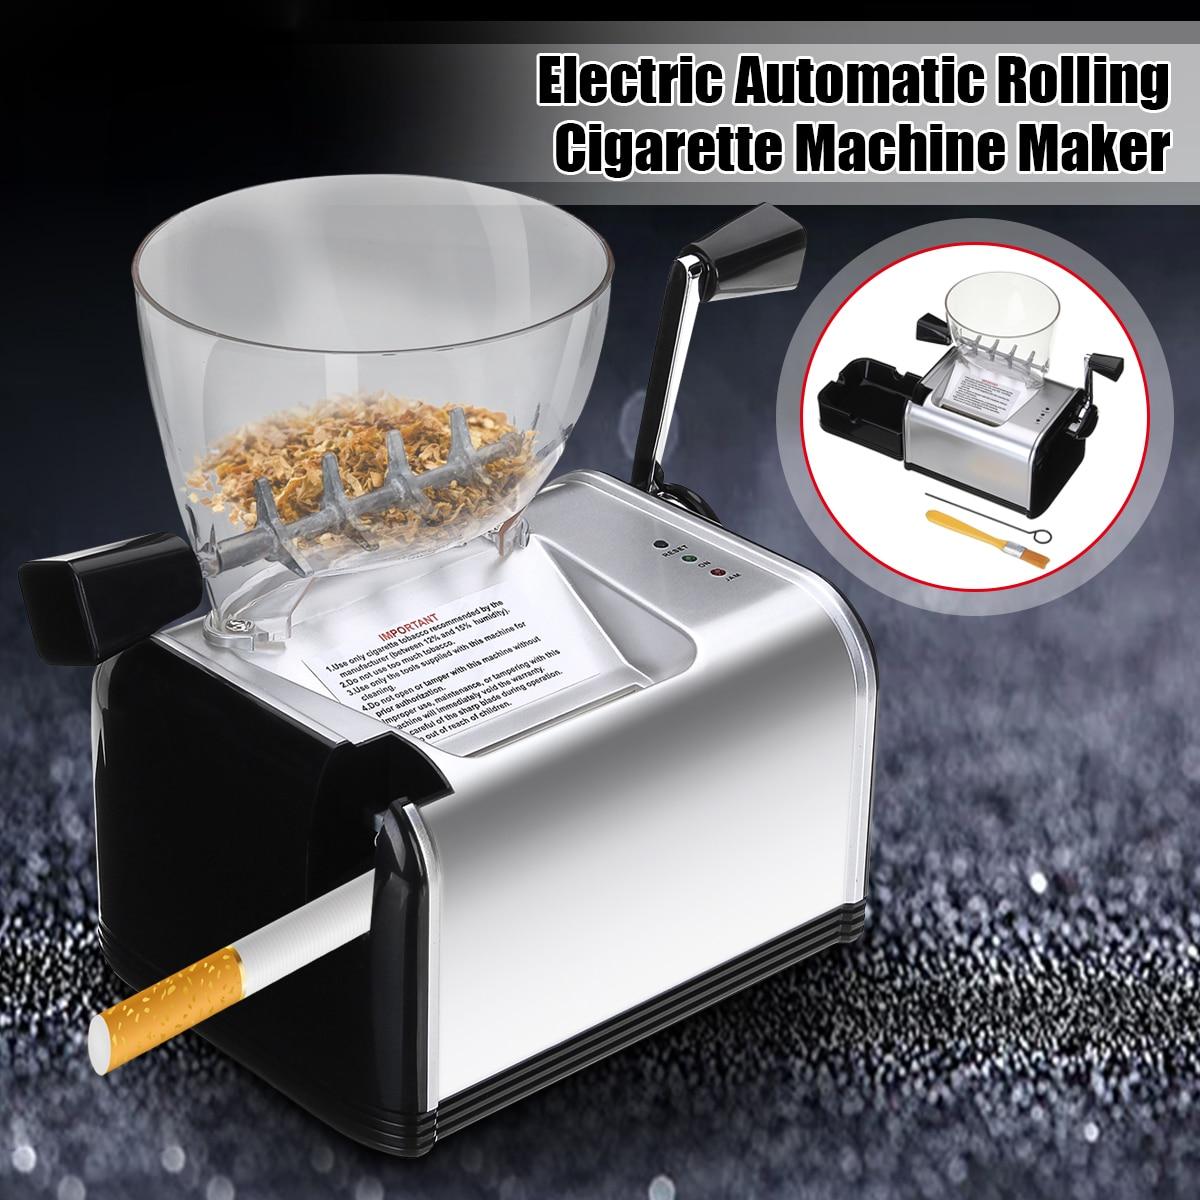 220 V électrique automatique faisant rouler la Machine à cigarettes tabac rouleau fabricant injecter 8mm Tube Portable fumer outil EU Plug